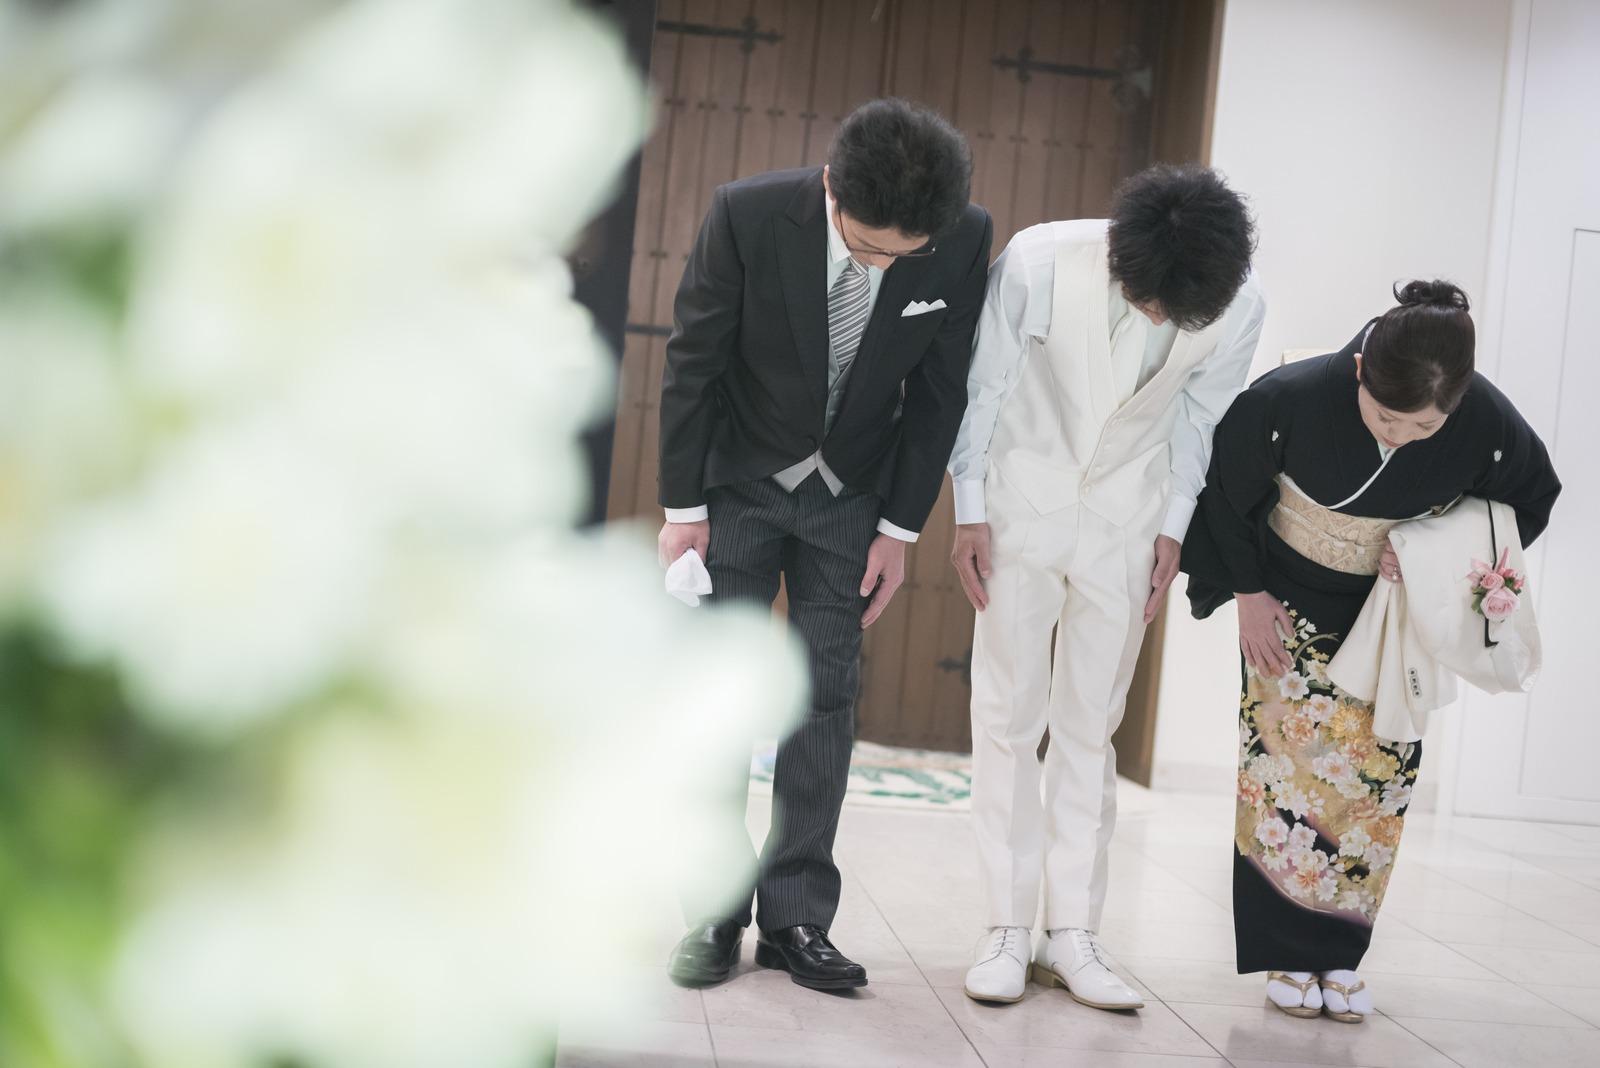 香川の結婚式場シェルエメール&アイスタイル 新郎入場